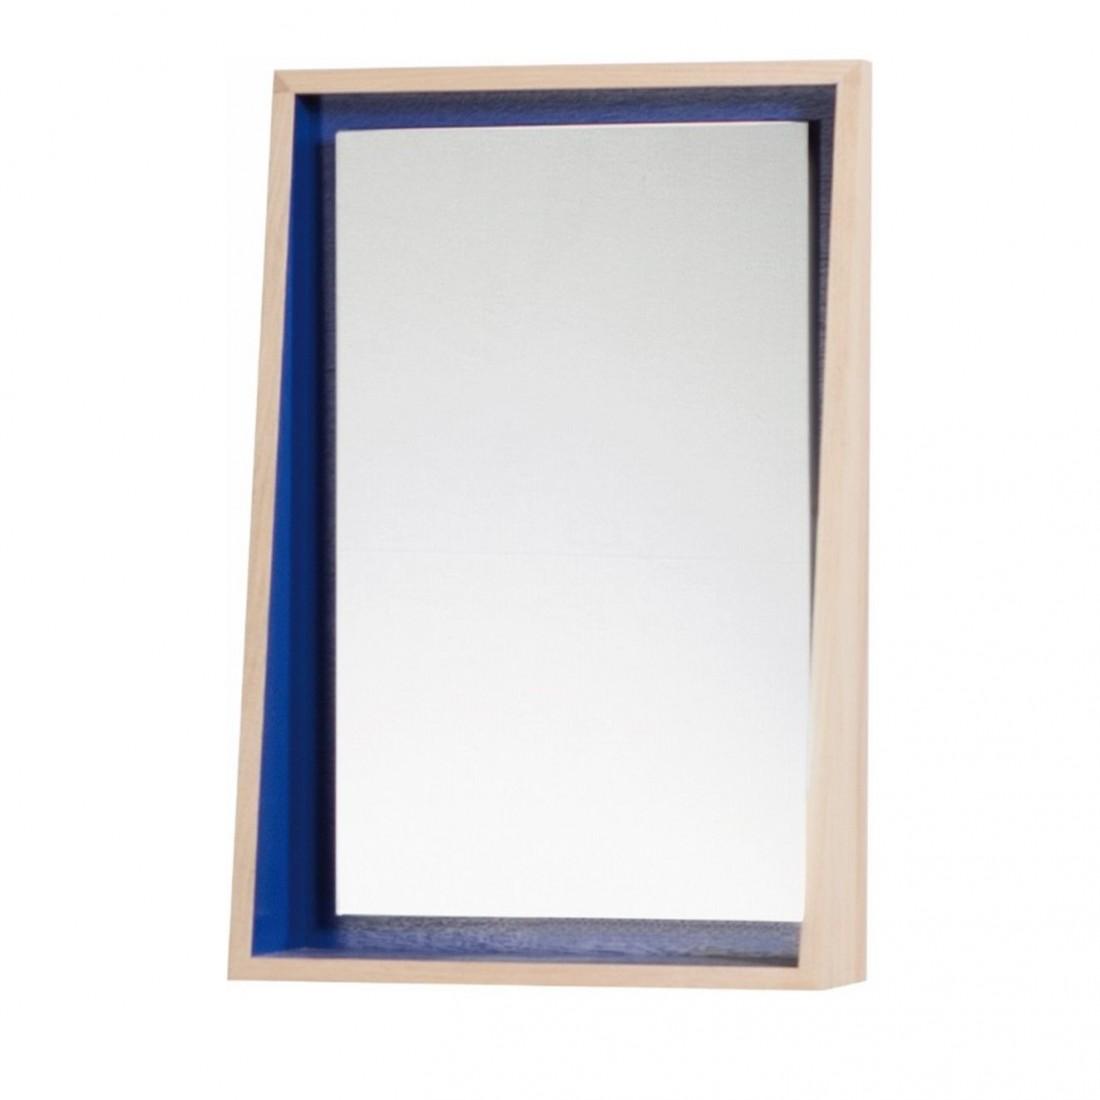 Miroir FLOAT avec tablette Drugeot Labo